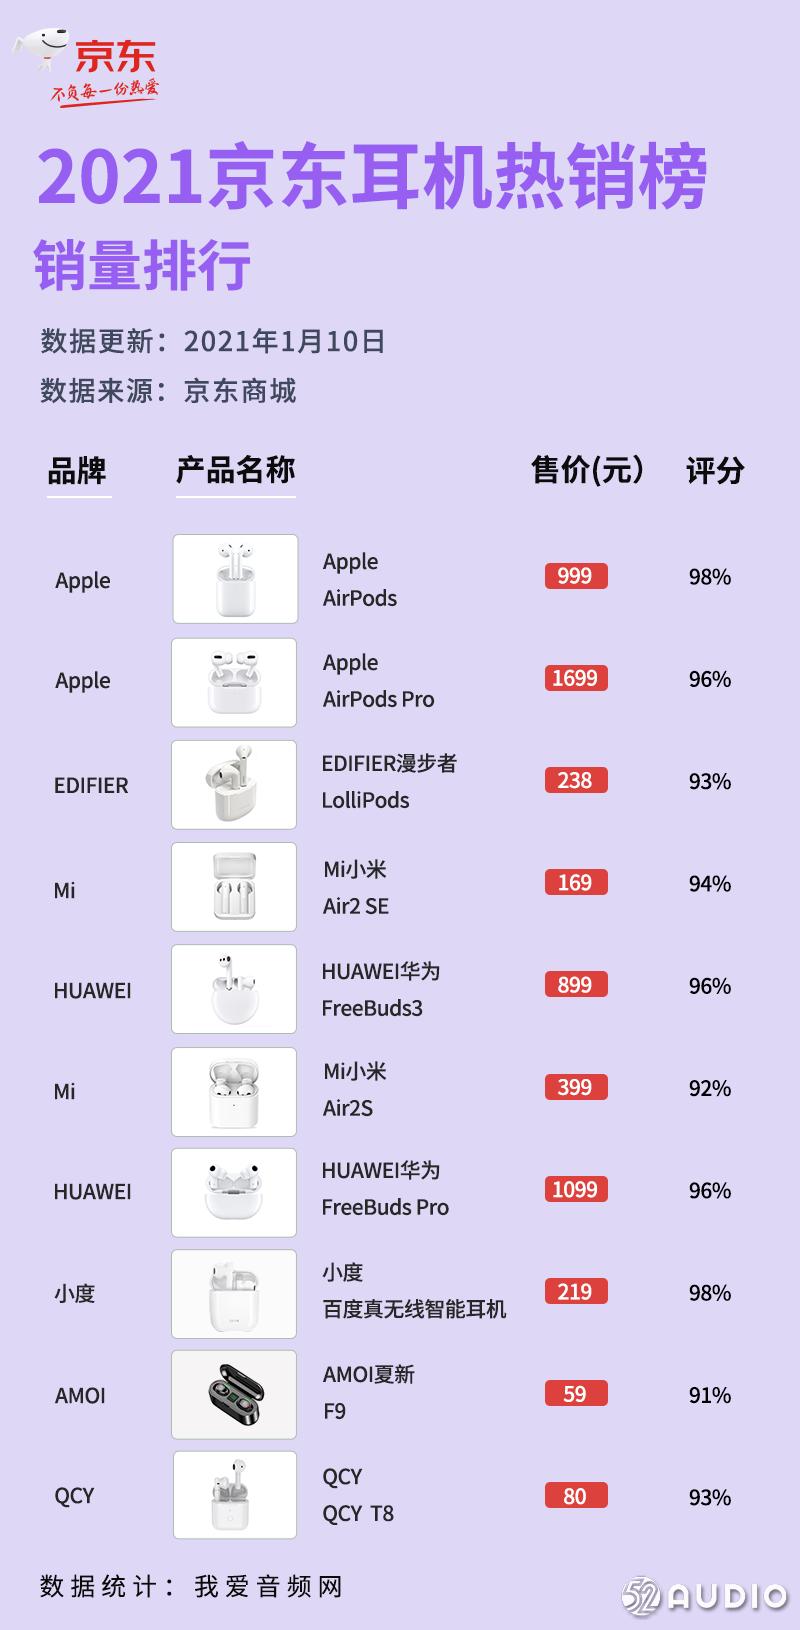 2021年1月京东真无线耳机销量排行榜-我爱音频网